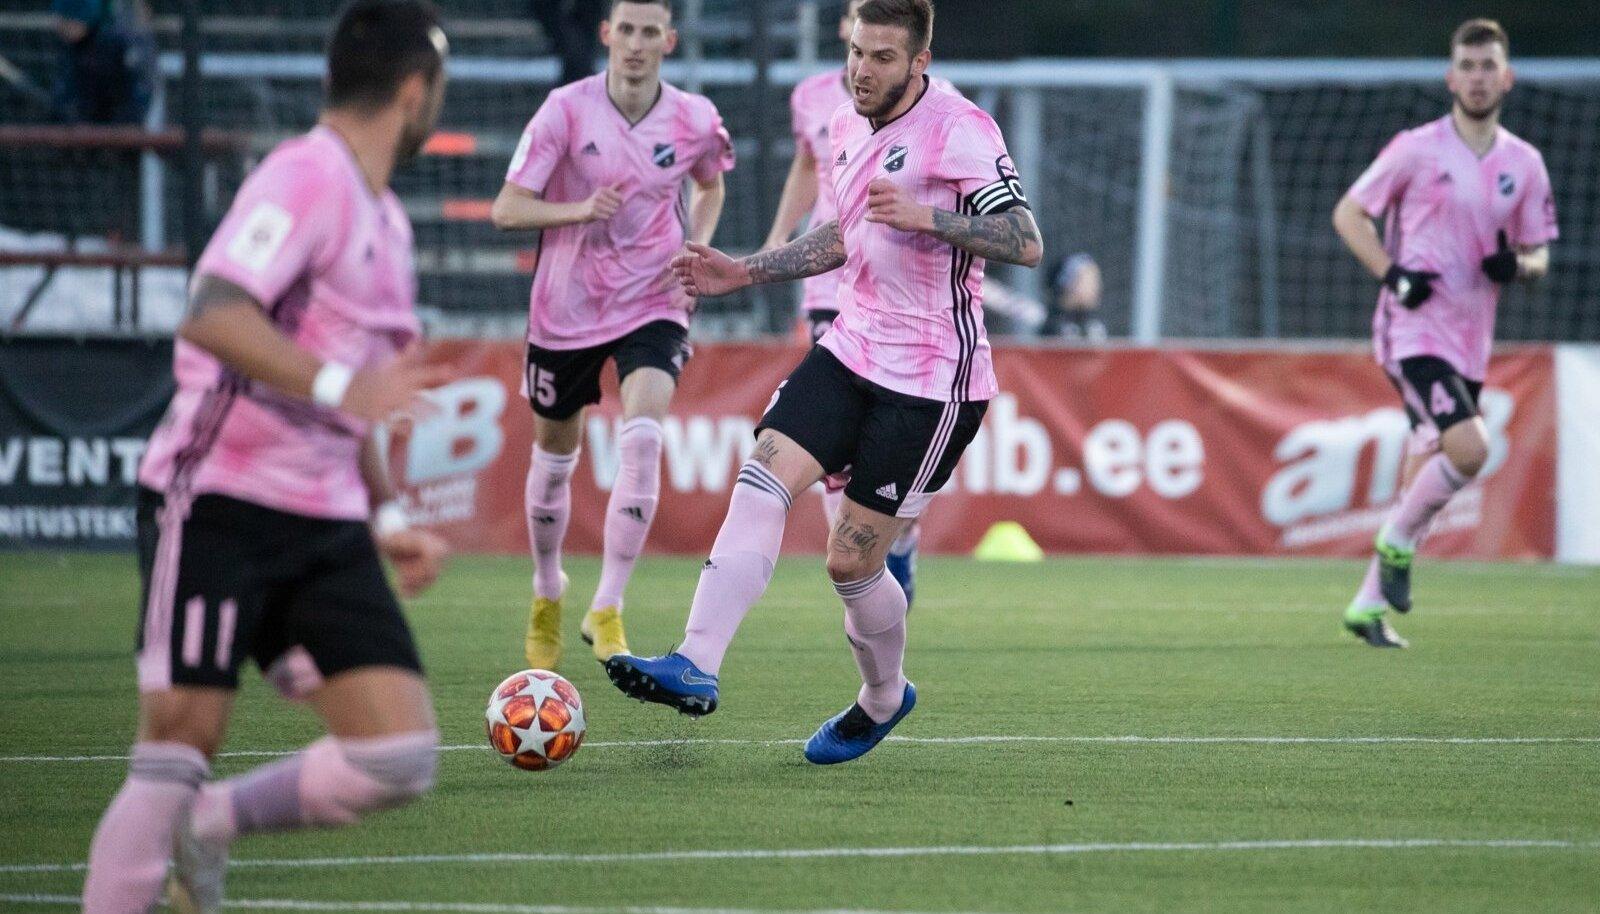 Eesti jalgpallimeistrivõistluste hooaja esimeses mängus alistas FC Flora võõral väljakul Nõmme Kalju 3:0